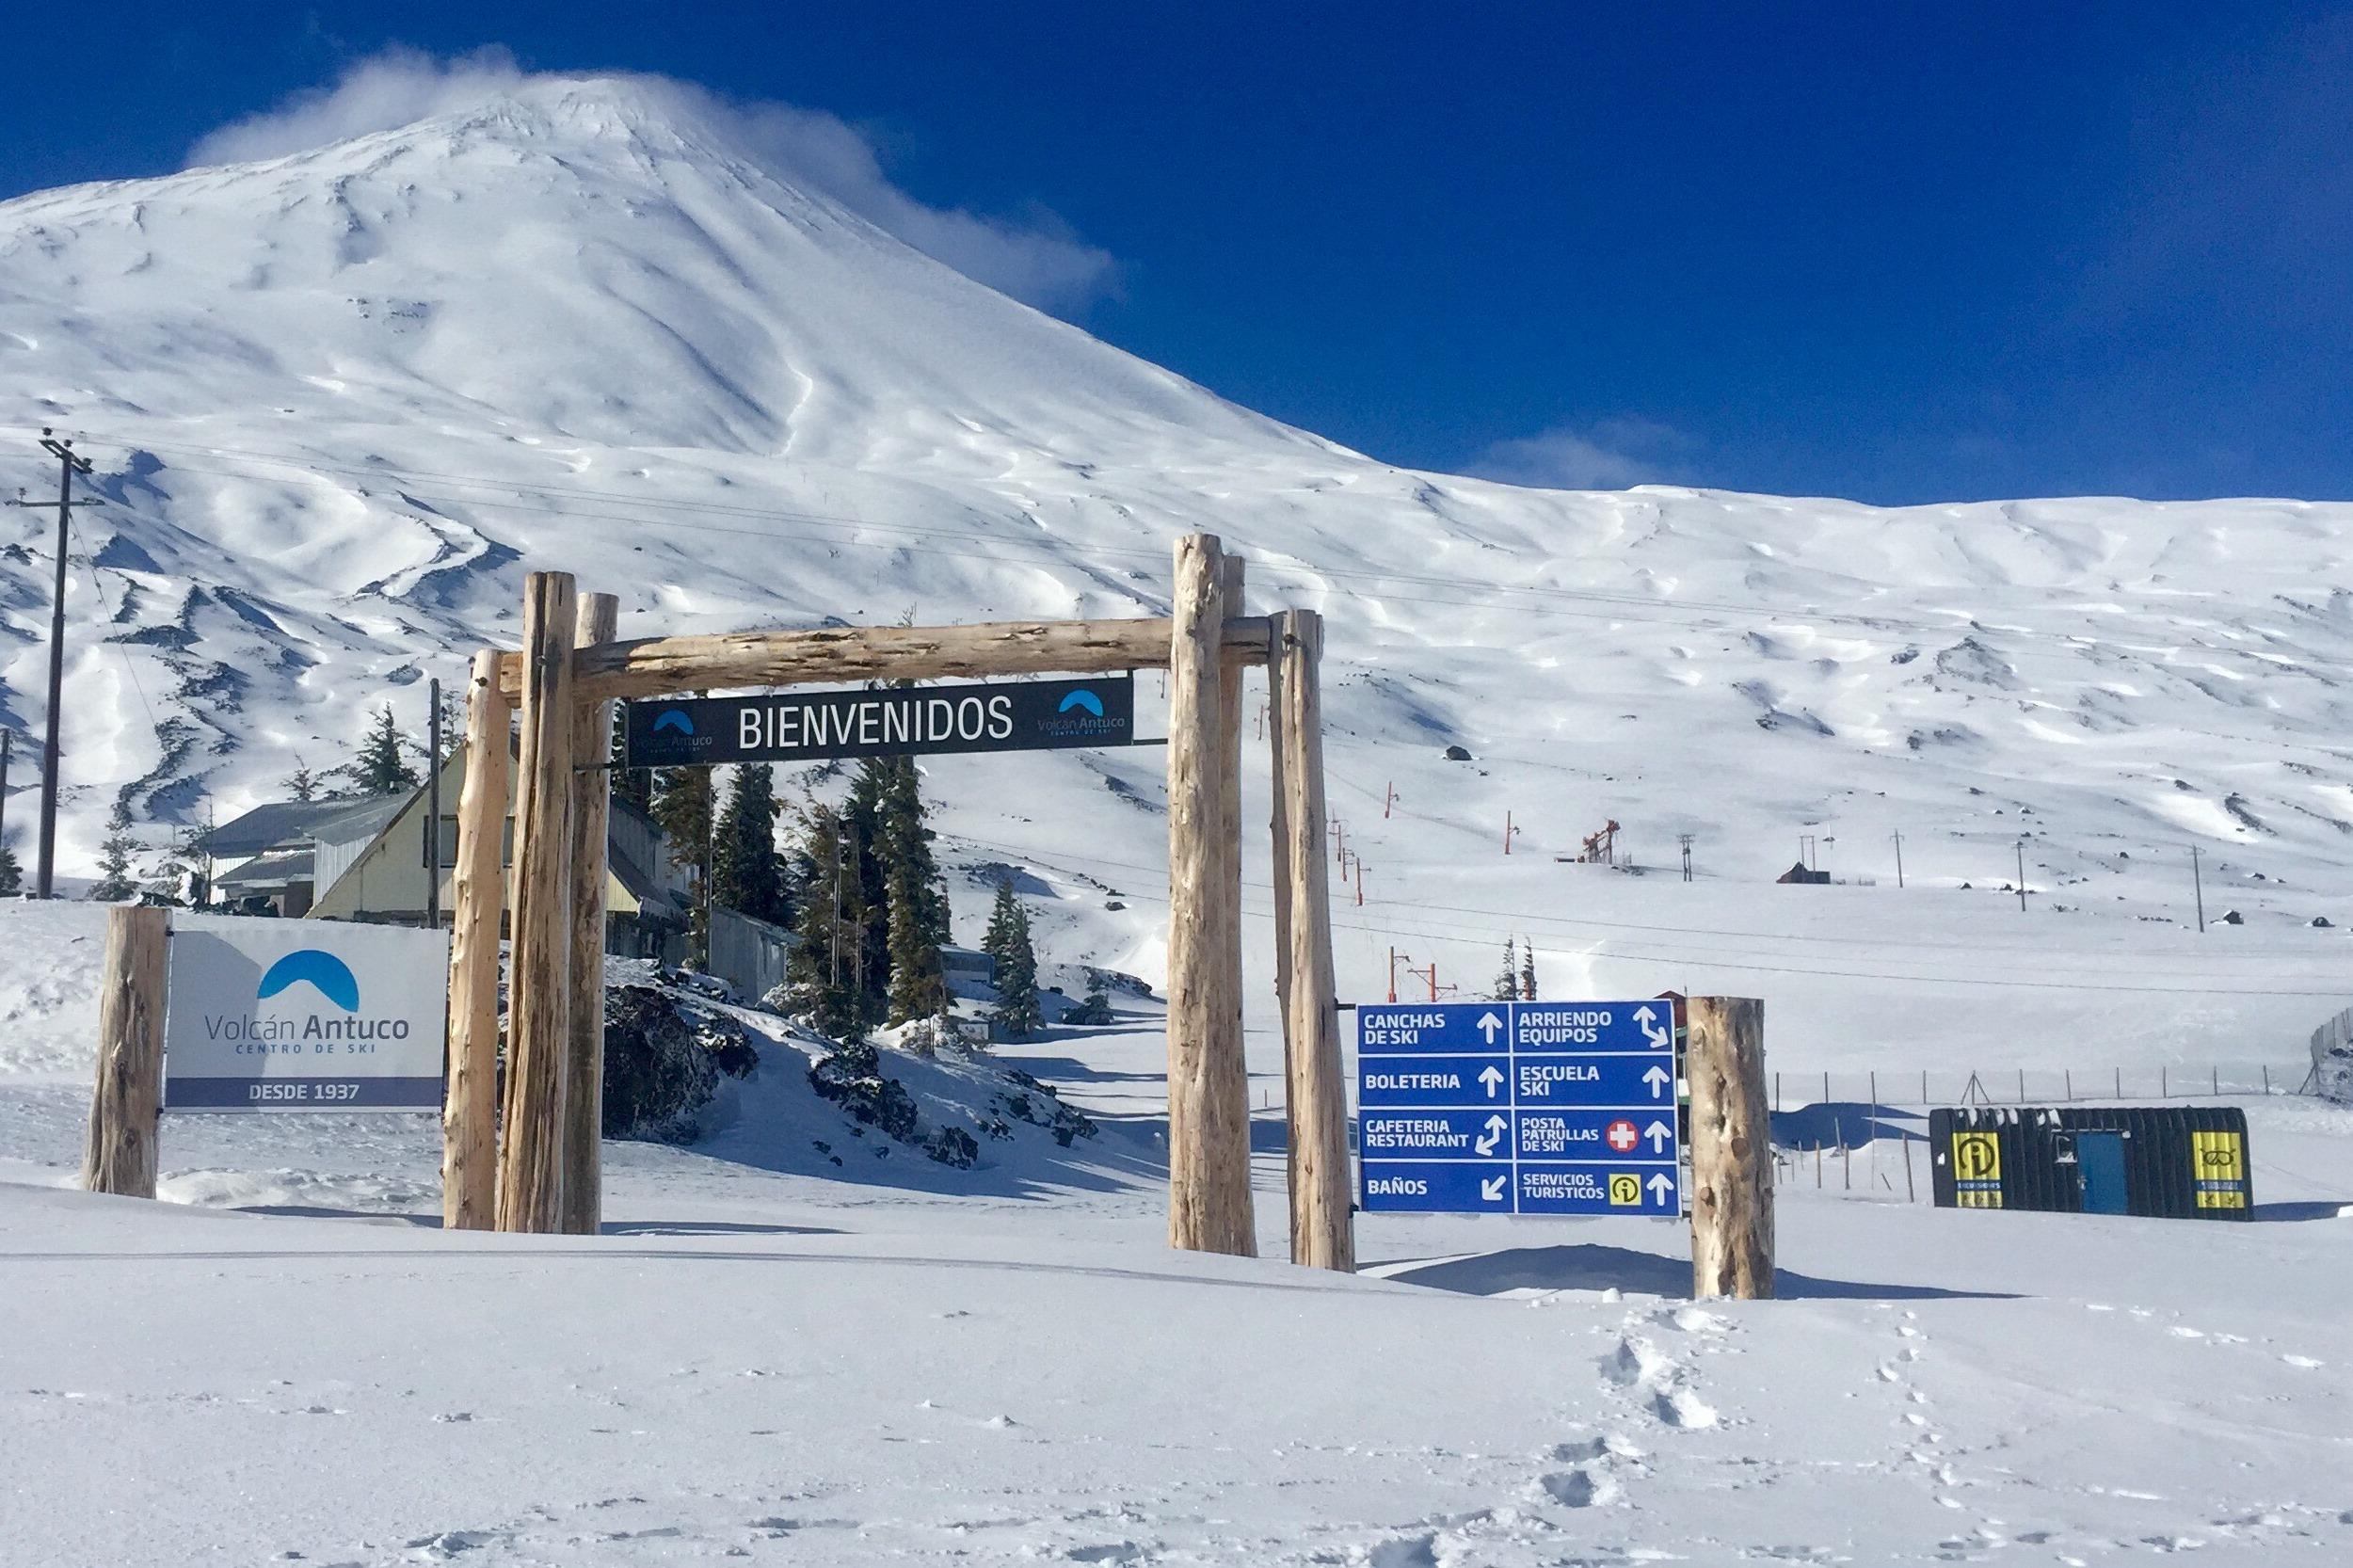 Sorprenden a tres personas esquiando en Volcán Antuco pese a medidas sanitarias